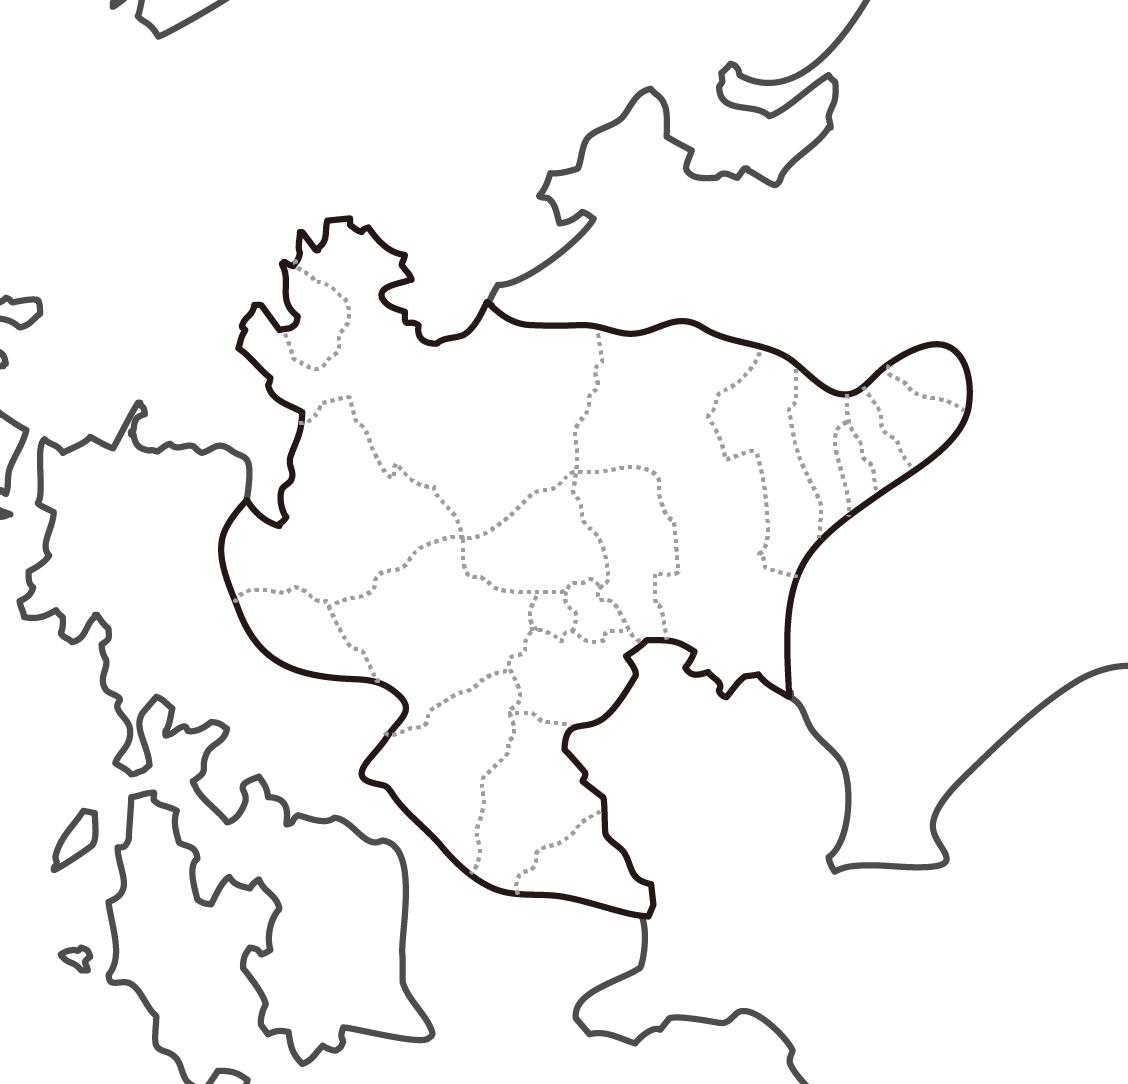 [白地図]佐賀県・ラインあり・市区町村名なし・隣県なし